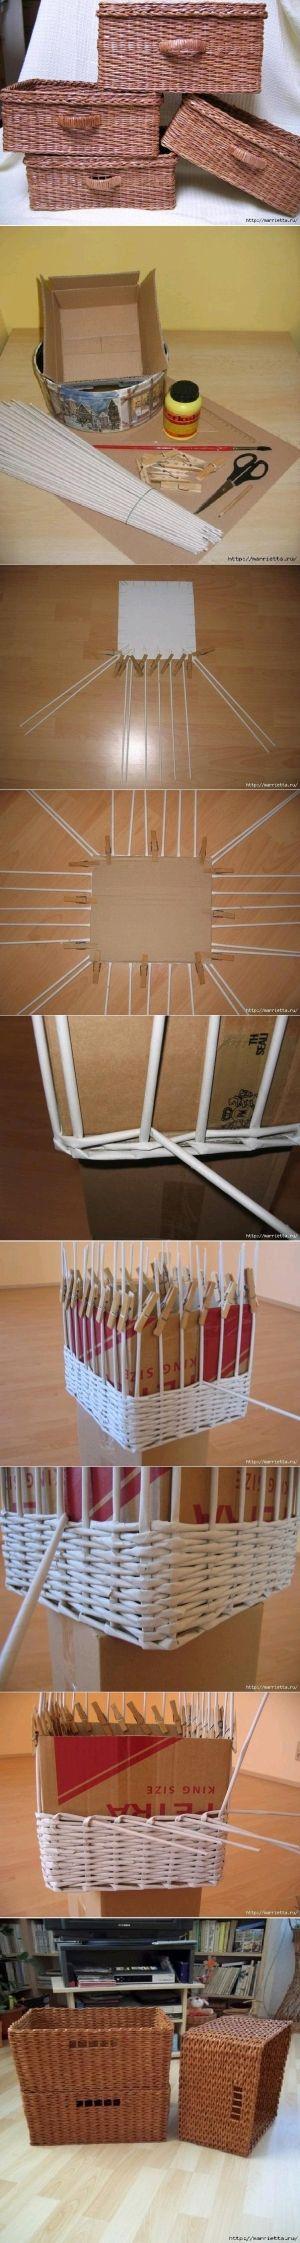 DIY Newspaper Weave Basket DIY Newspaper Weave Basket by diyforever